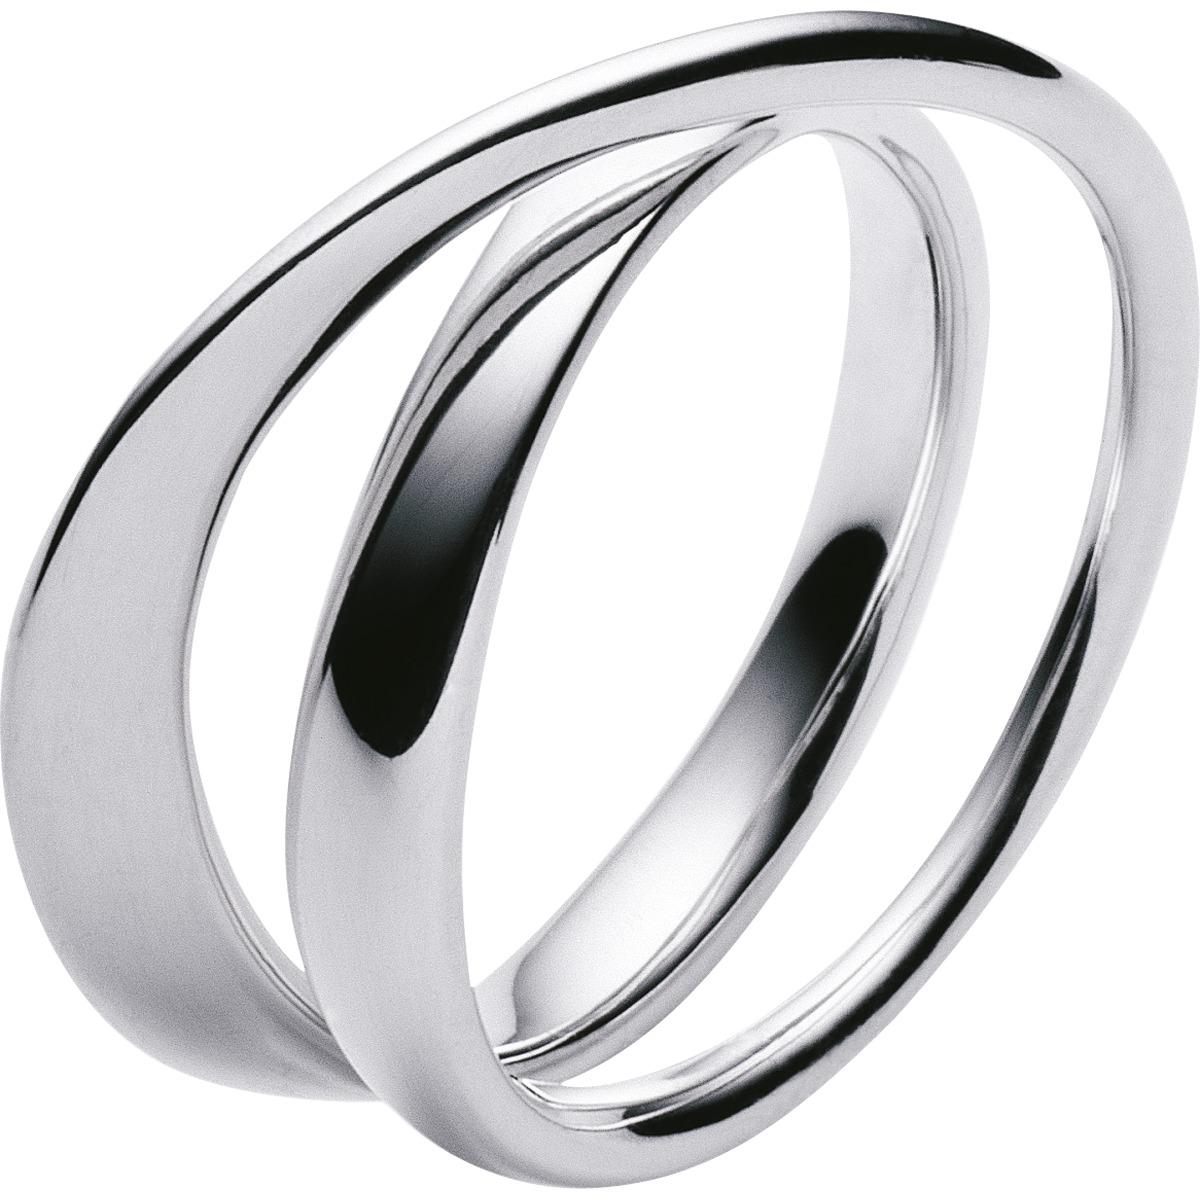 Georg Jensen sølv MÖBIUS ring - 3552340 Sølv 55